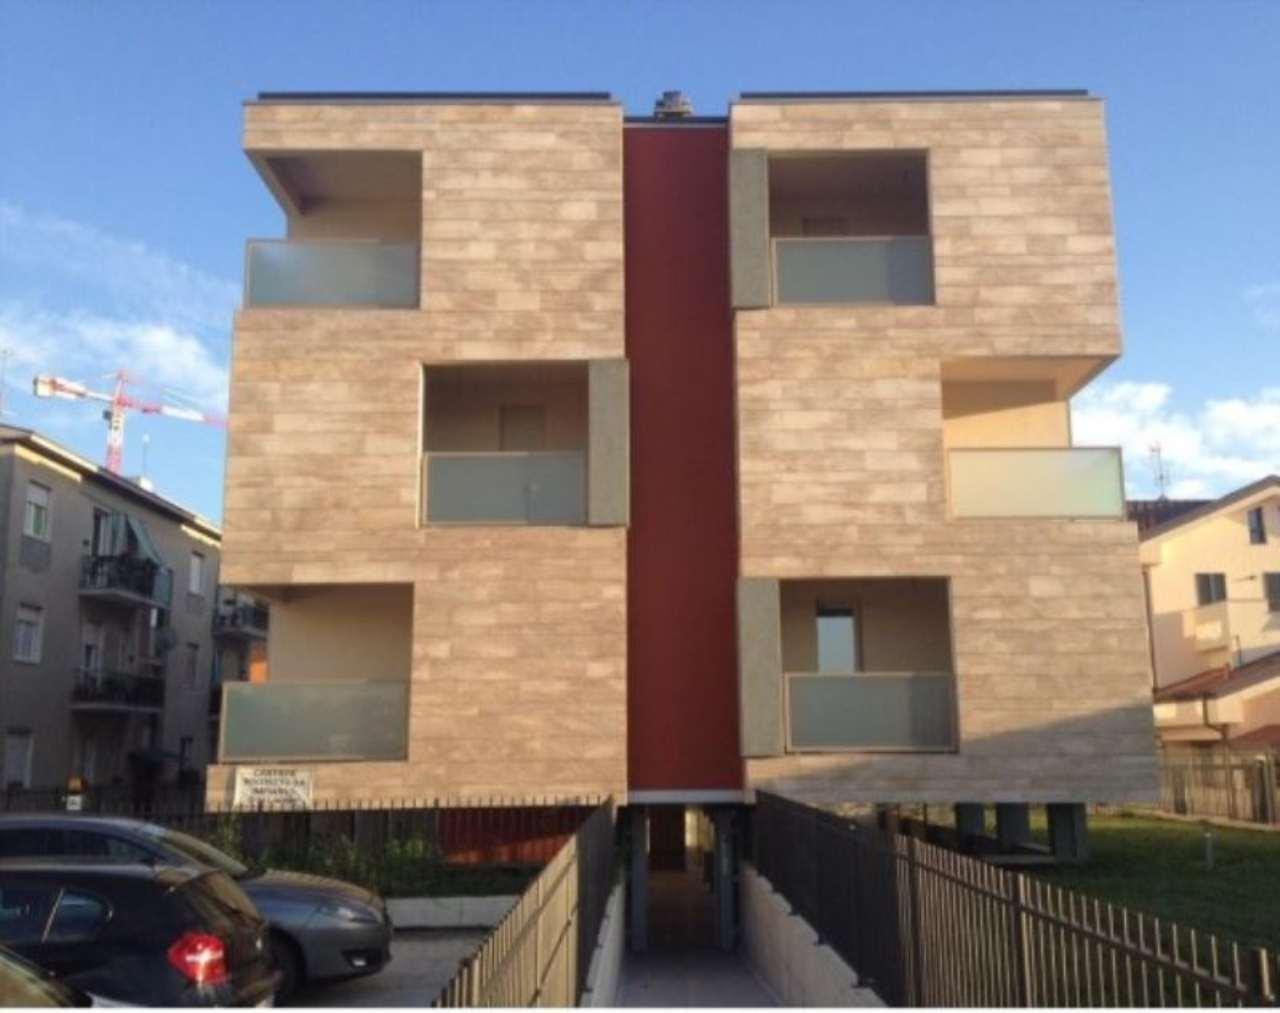 Appartamento in vendita a Monza, 1 locali, zona Zona: 7 . San Biagio, Cazzaniga, prezzo € 150.000 | Cambio Casa.it